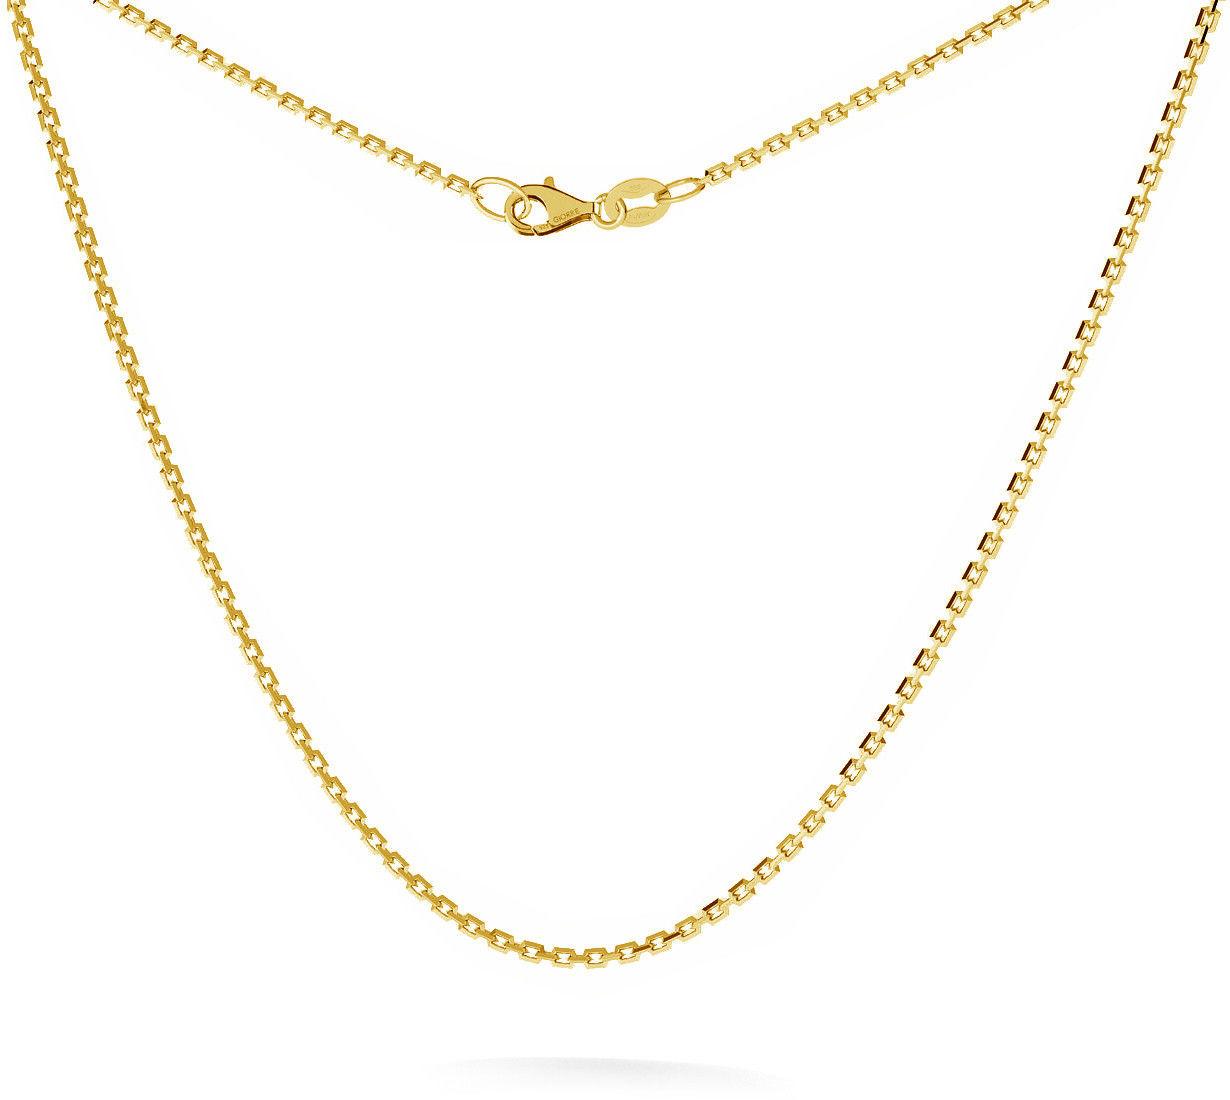 Srebrny łańcuszek na komunię ankier diamentowany 925 : Długość (cm) - 35 + 5, Srebro - kolor pokrycia - Pokrycie żółtym 18K złotem